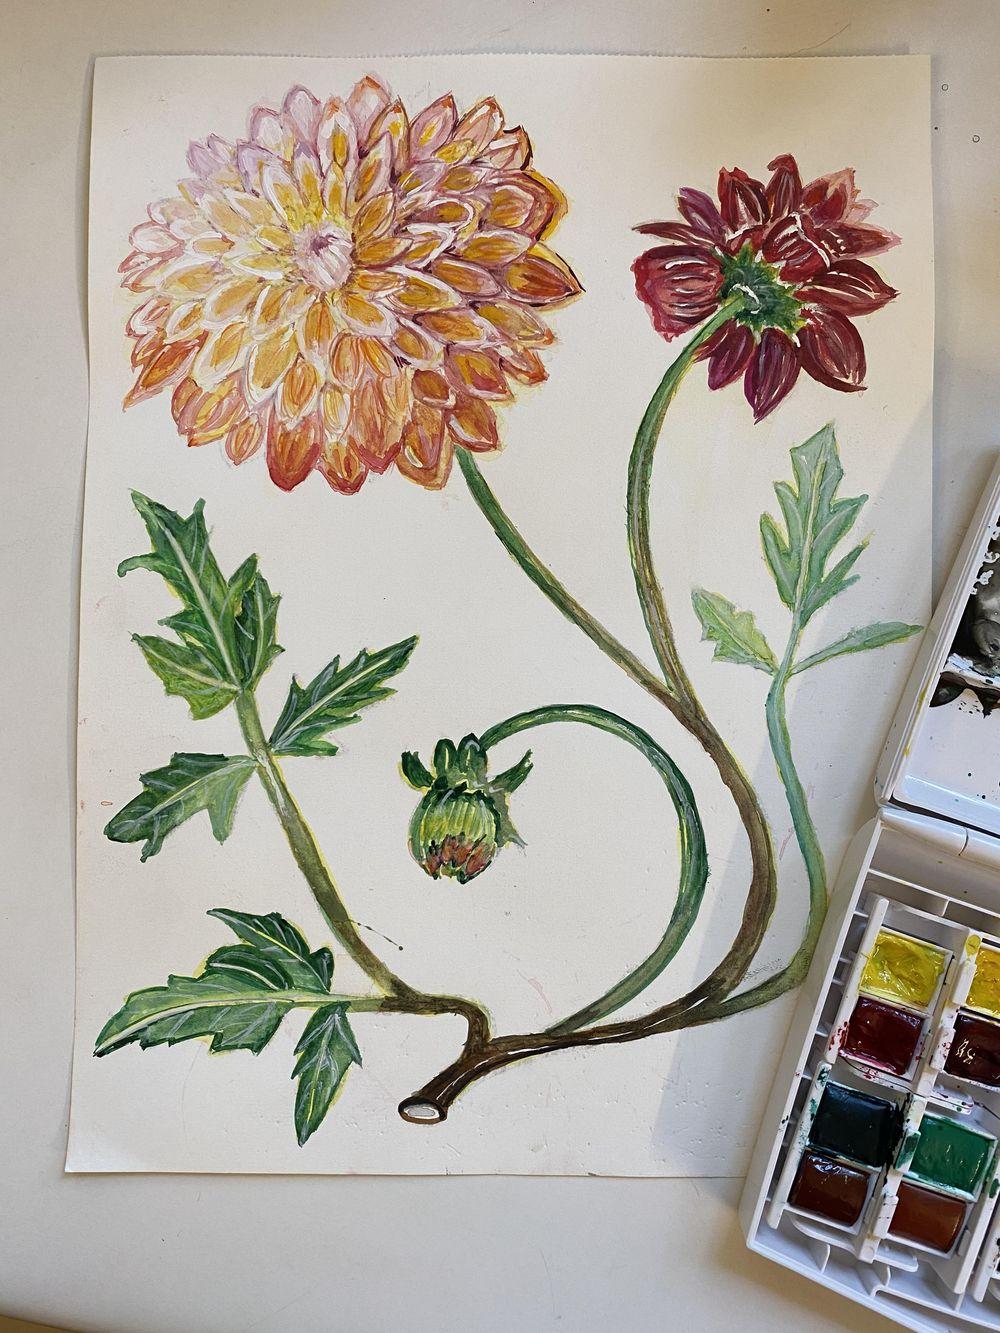 Vintage Botanicals - image 1 - student project